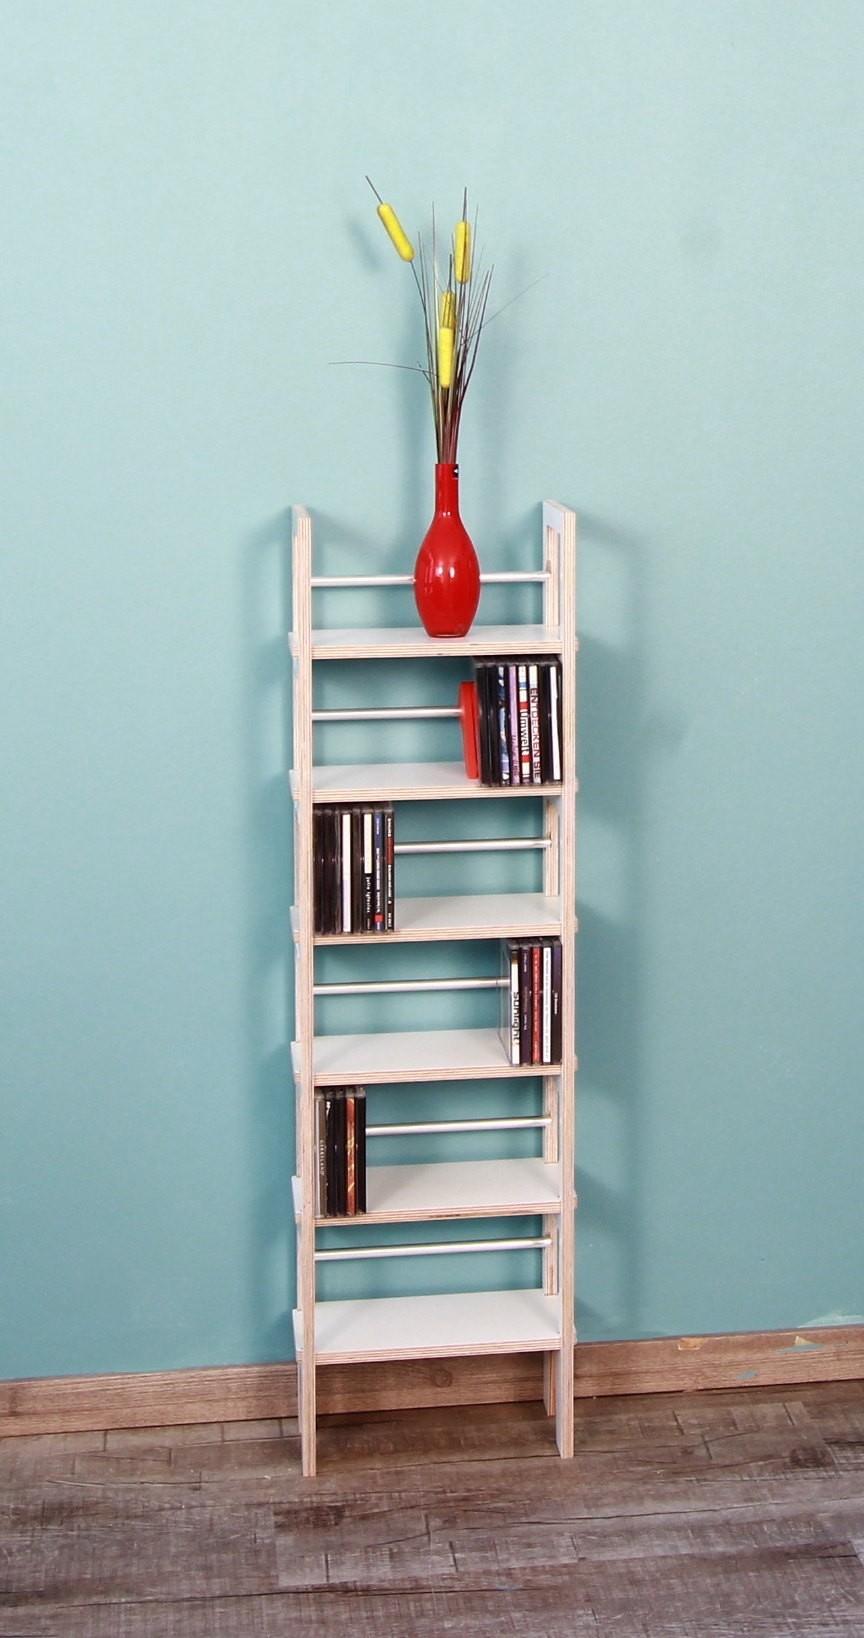 cd st nder wei lackiert von regaflex f r etwa 250 cds aus mdf. Black Bedroom Furniture Sets. Home Design Ideas